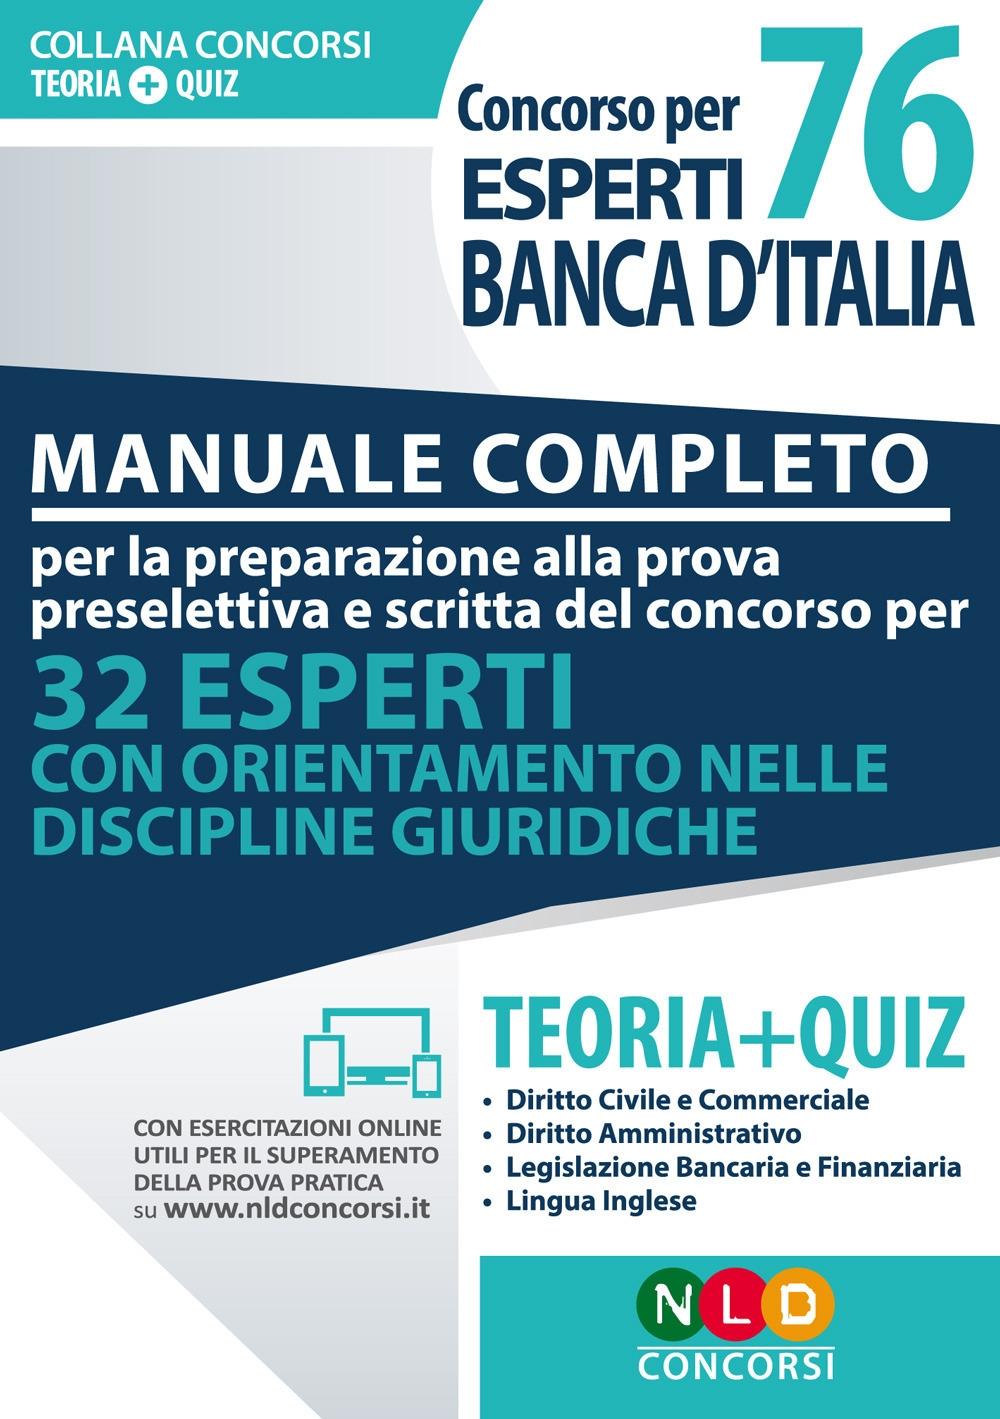 76 esperti Banca d'Italia concorso. Manuale completo